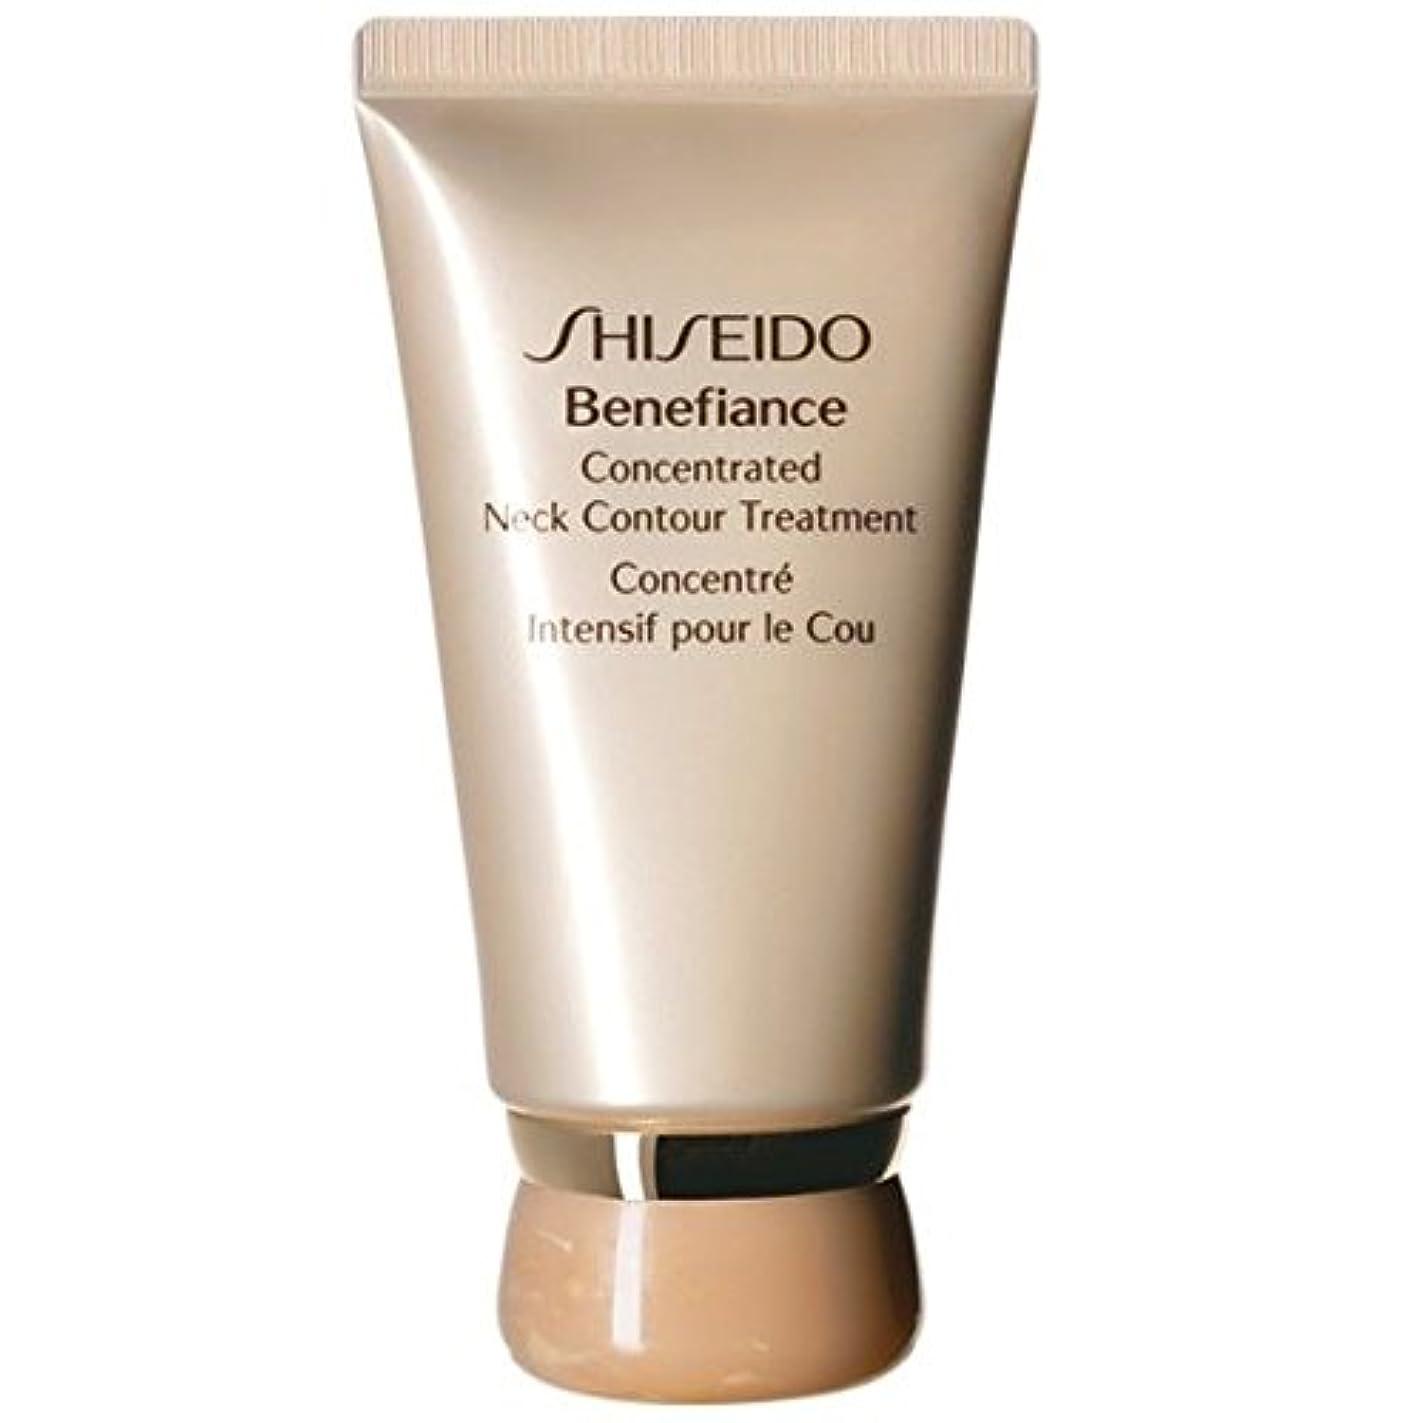 スイングお手入れ期間[Shiseido] 資生堂ベネフィアンス濃縮ネック輪郭処理50ミリリットル - Shiseido Benefiance Concentrated Neck Contour Treatment 50ml [並行輸入品]